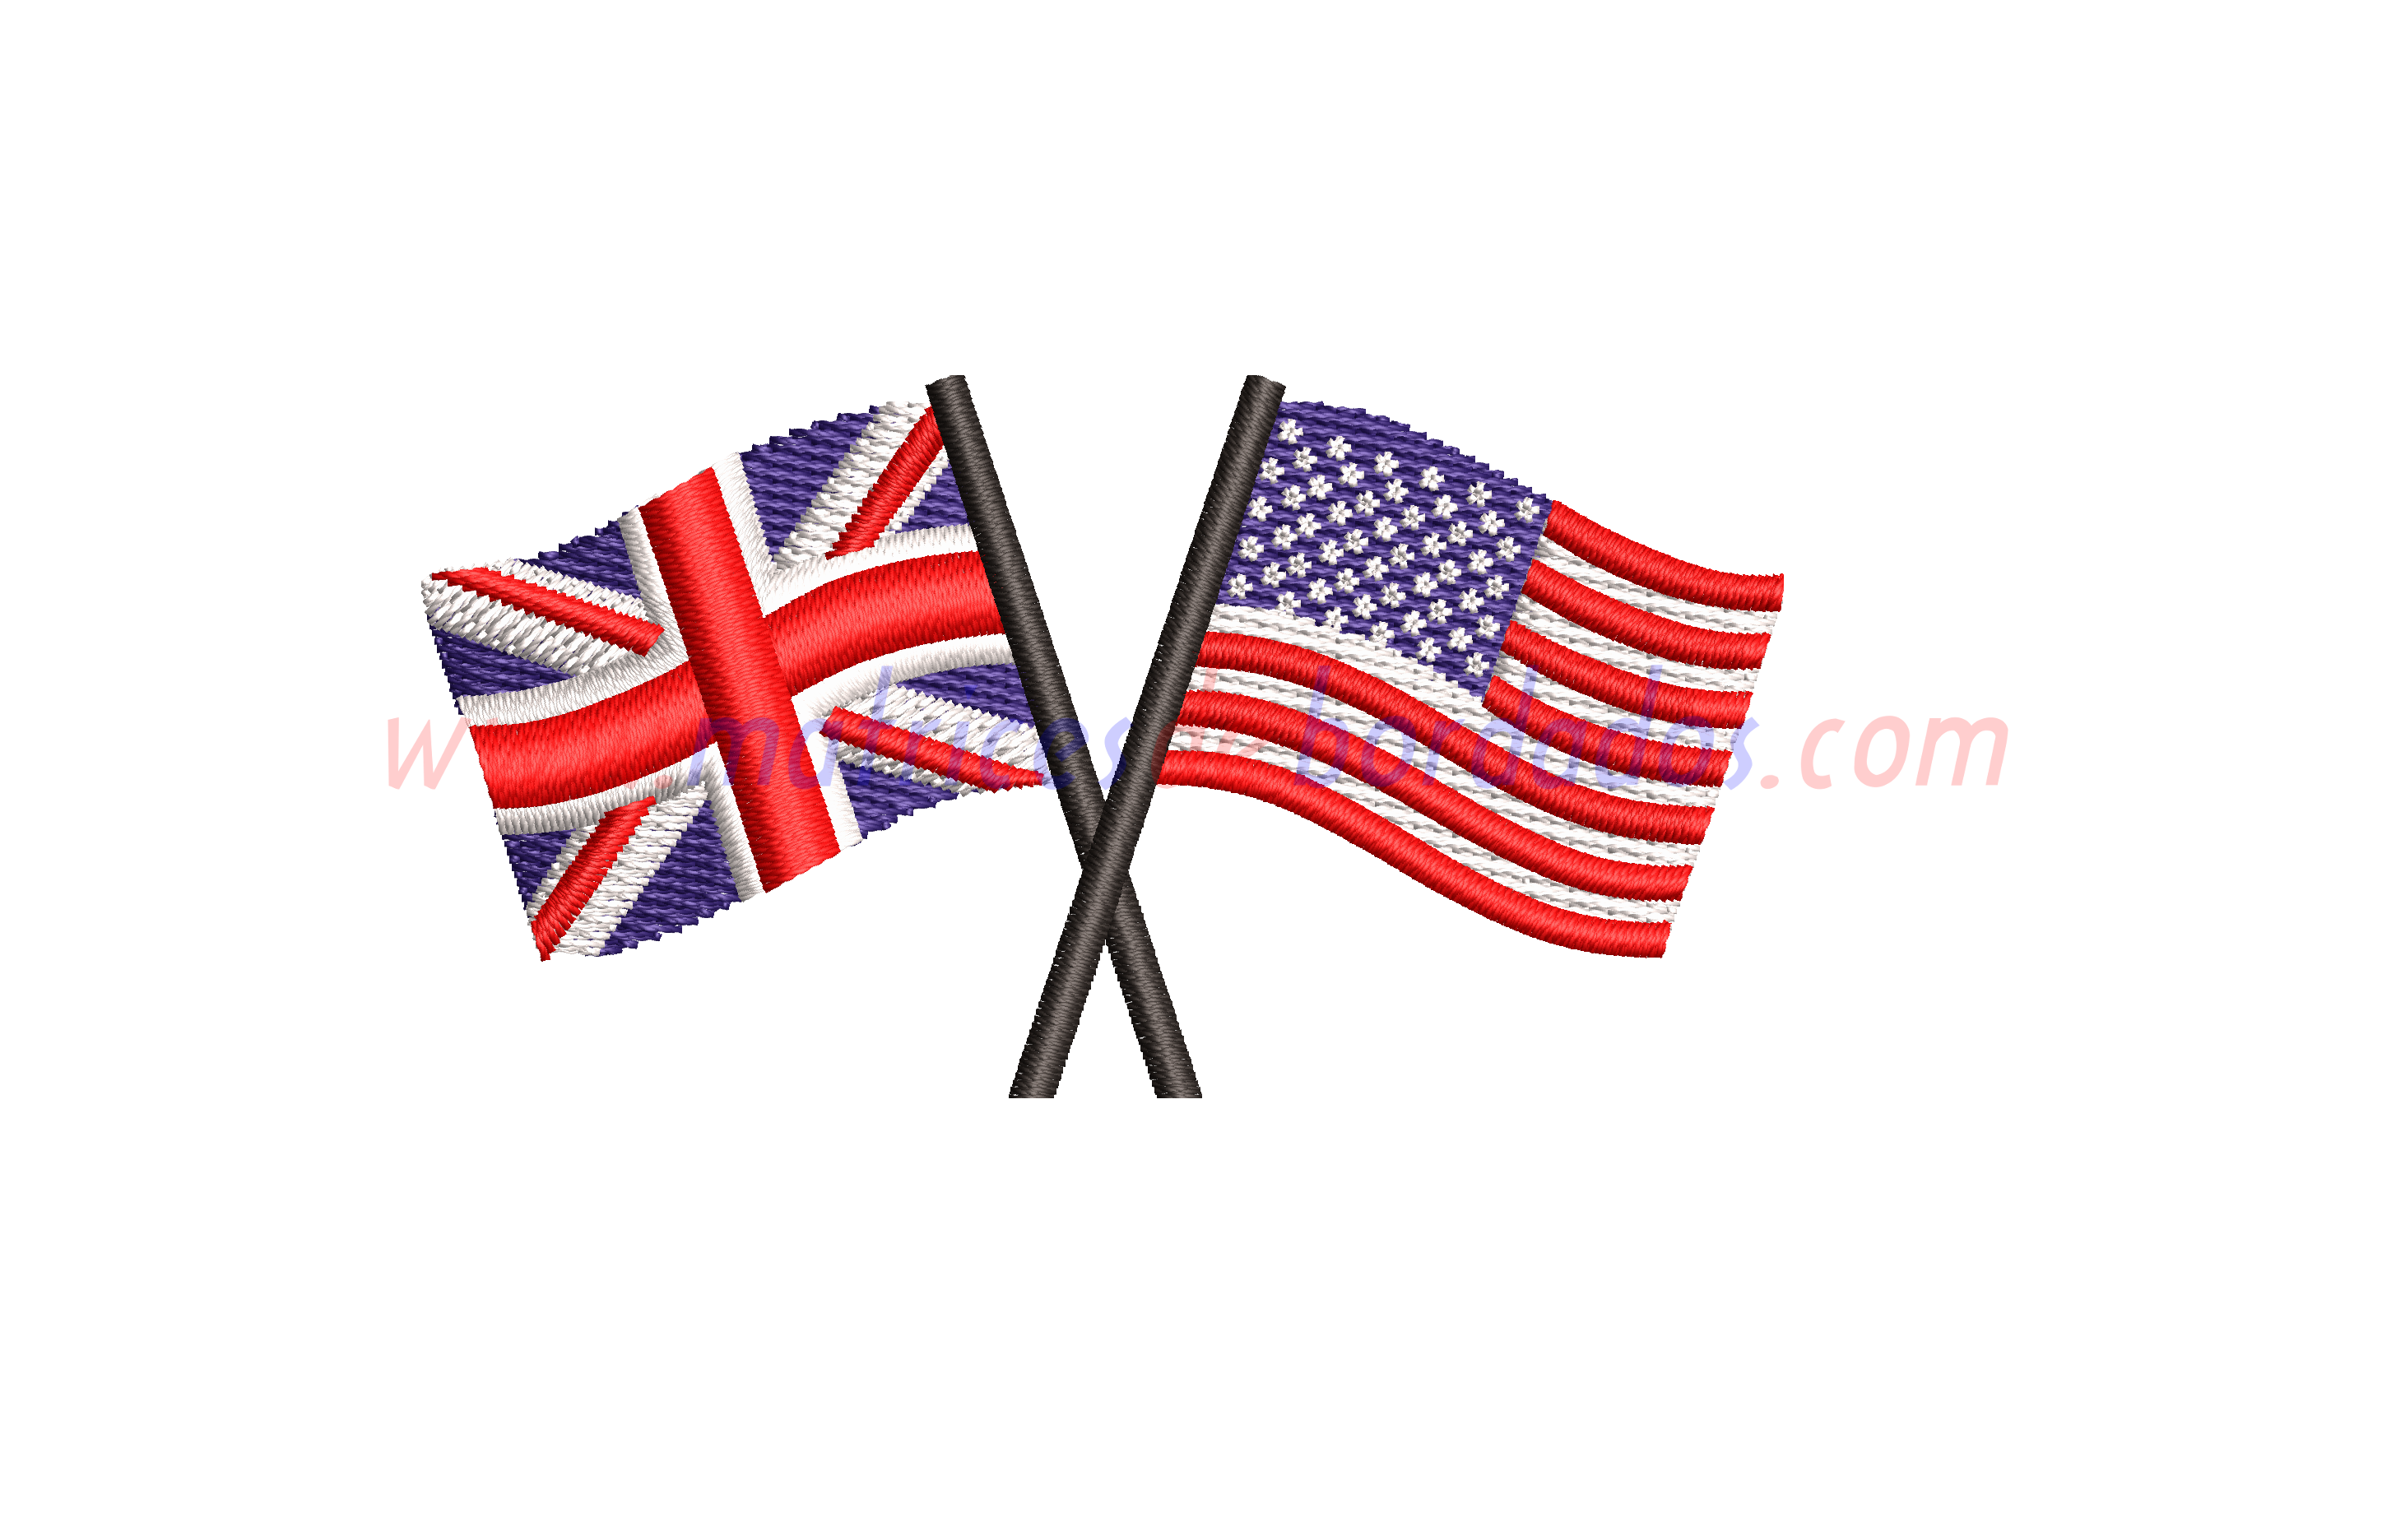 UP18CV - Banderas Estados Unidos y Reino Unido